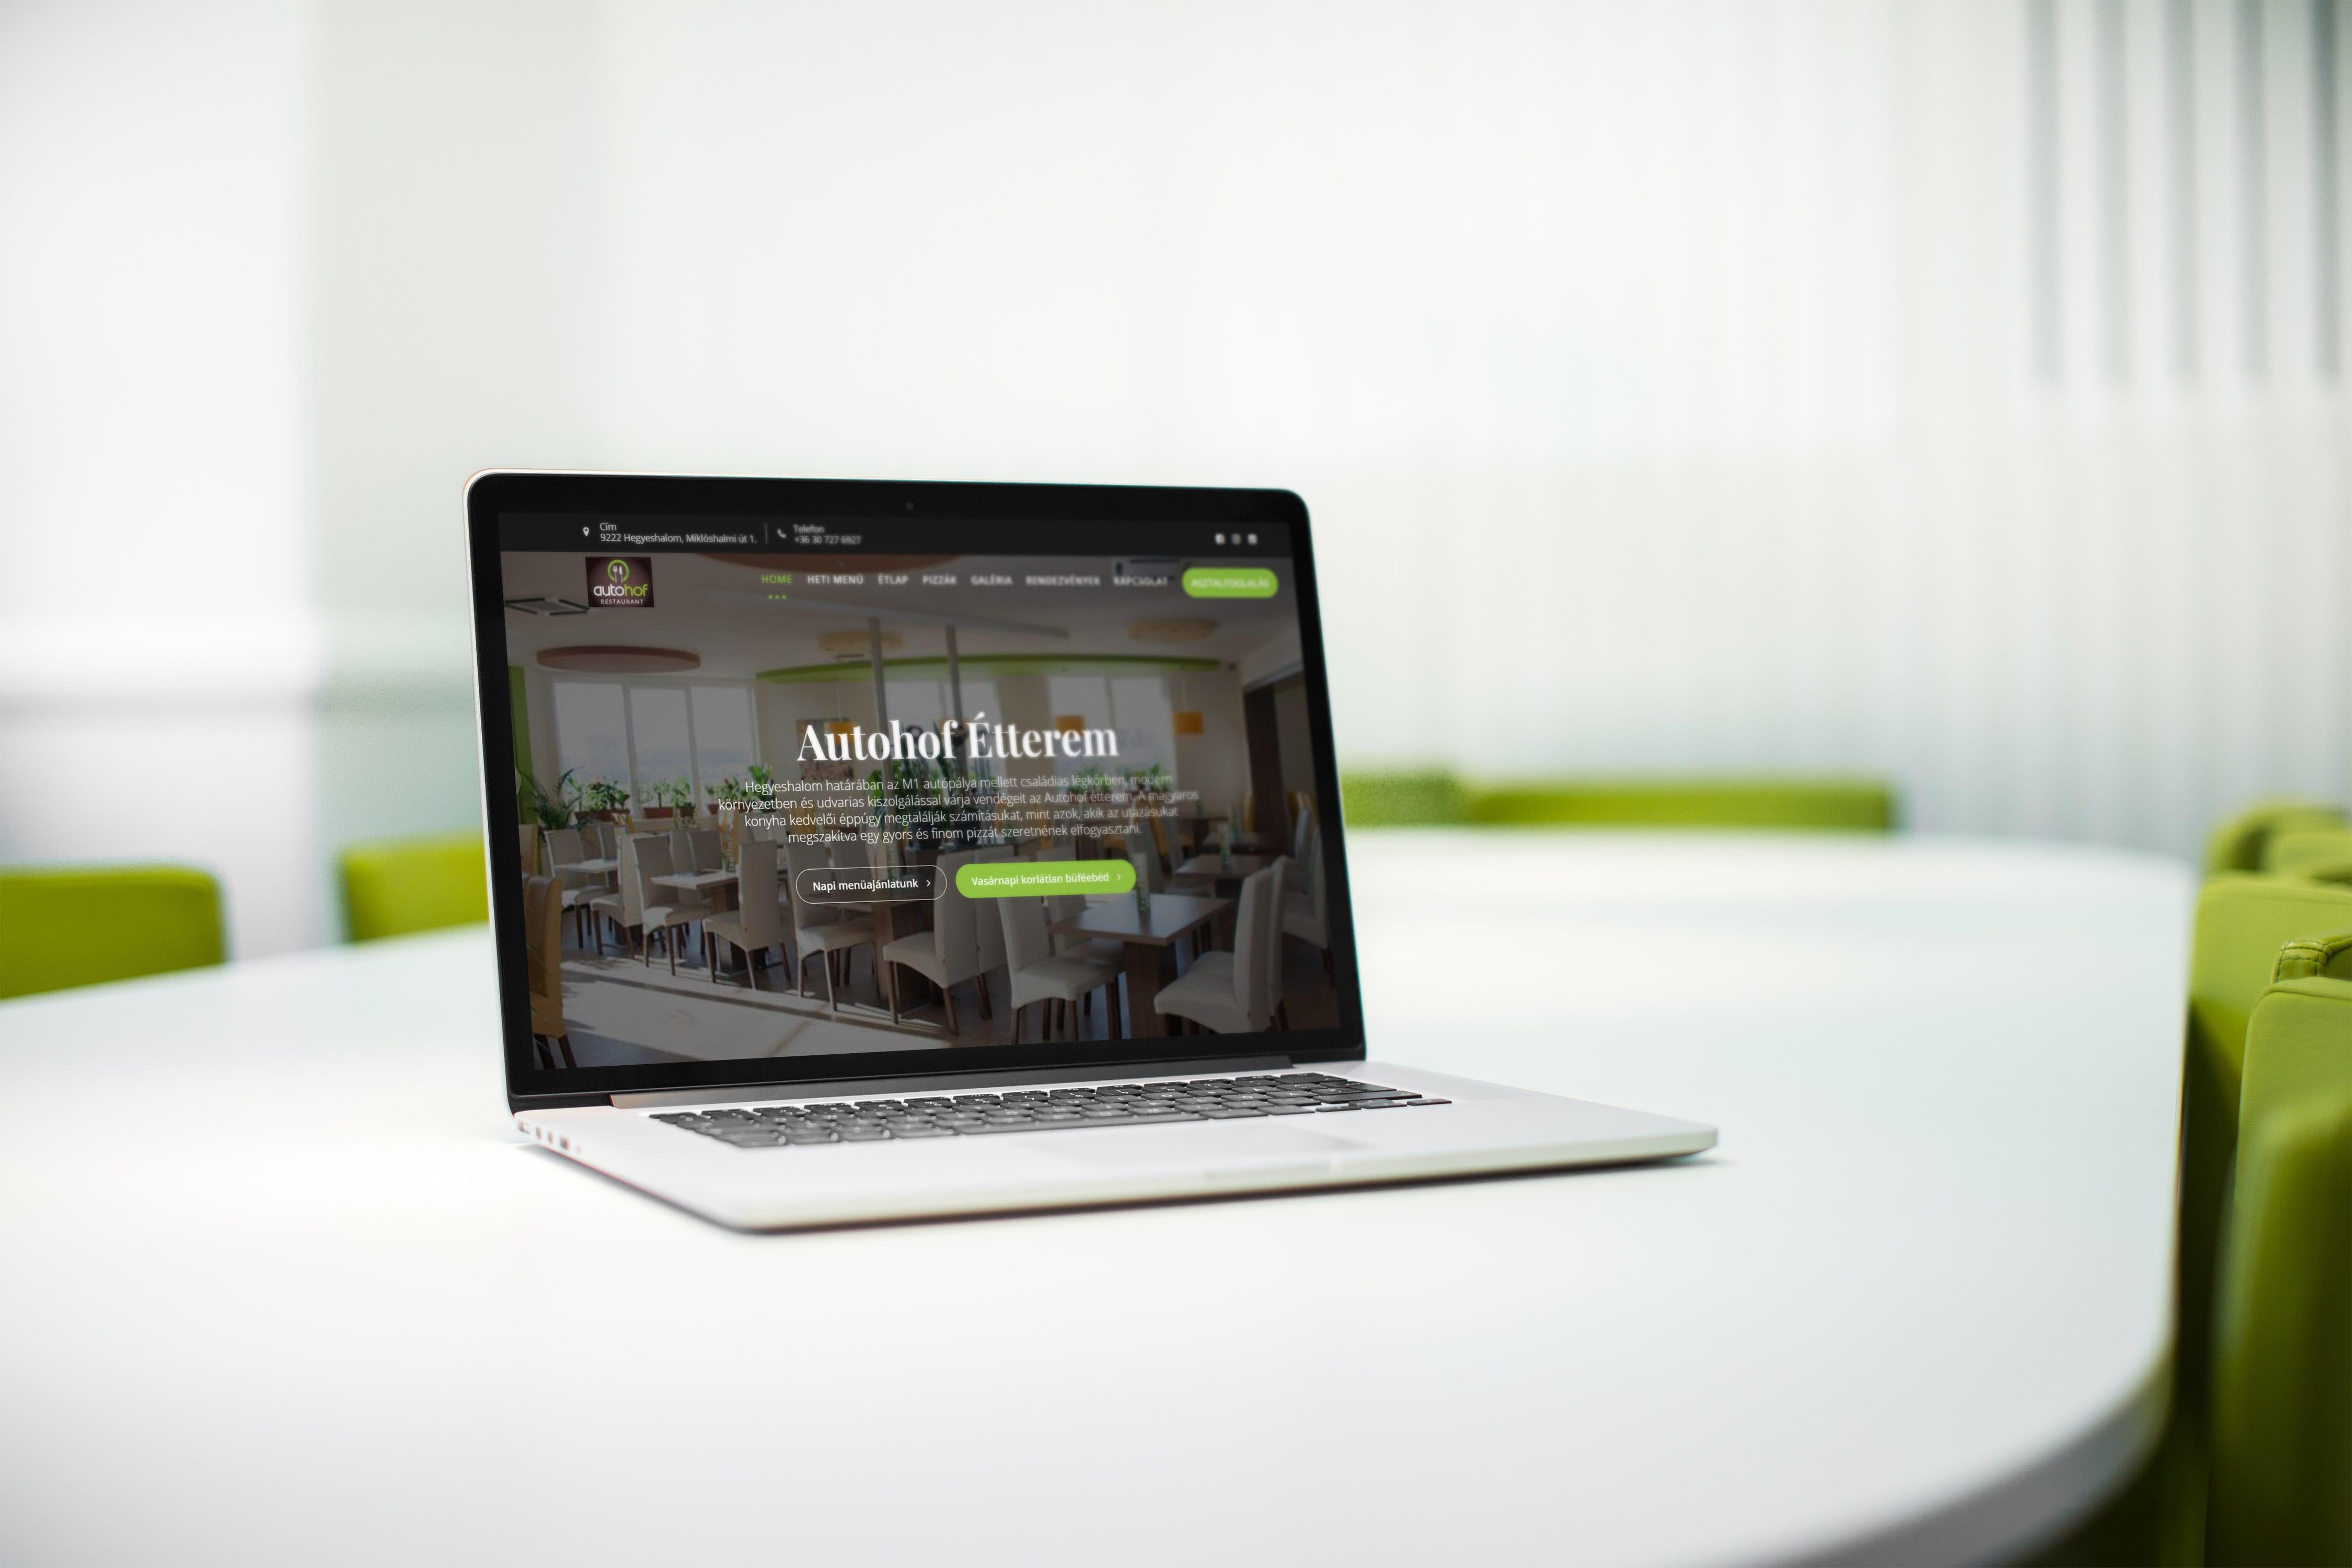 Autohof étterem weboldala